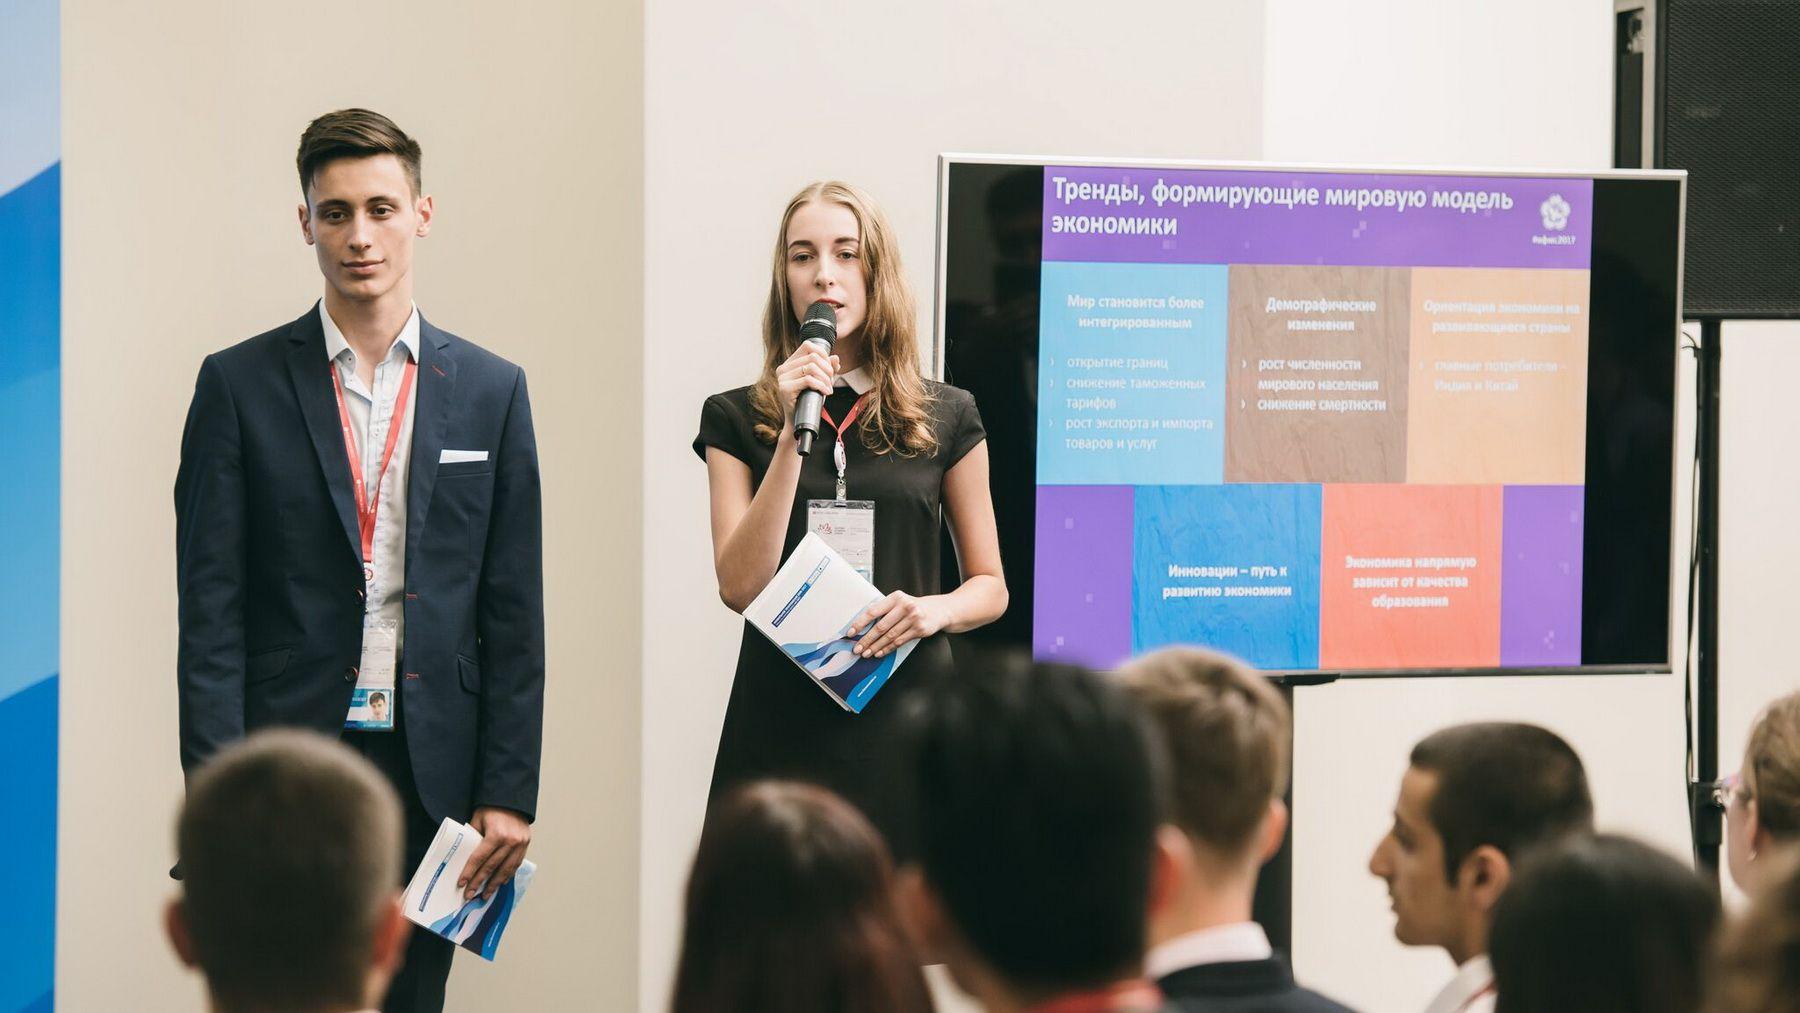 Проектное образование станет постоянной дисциплиной во ВГУЭС с нового учебного года